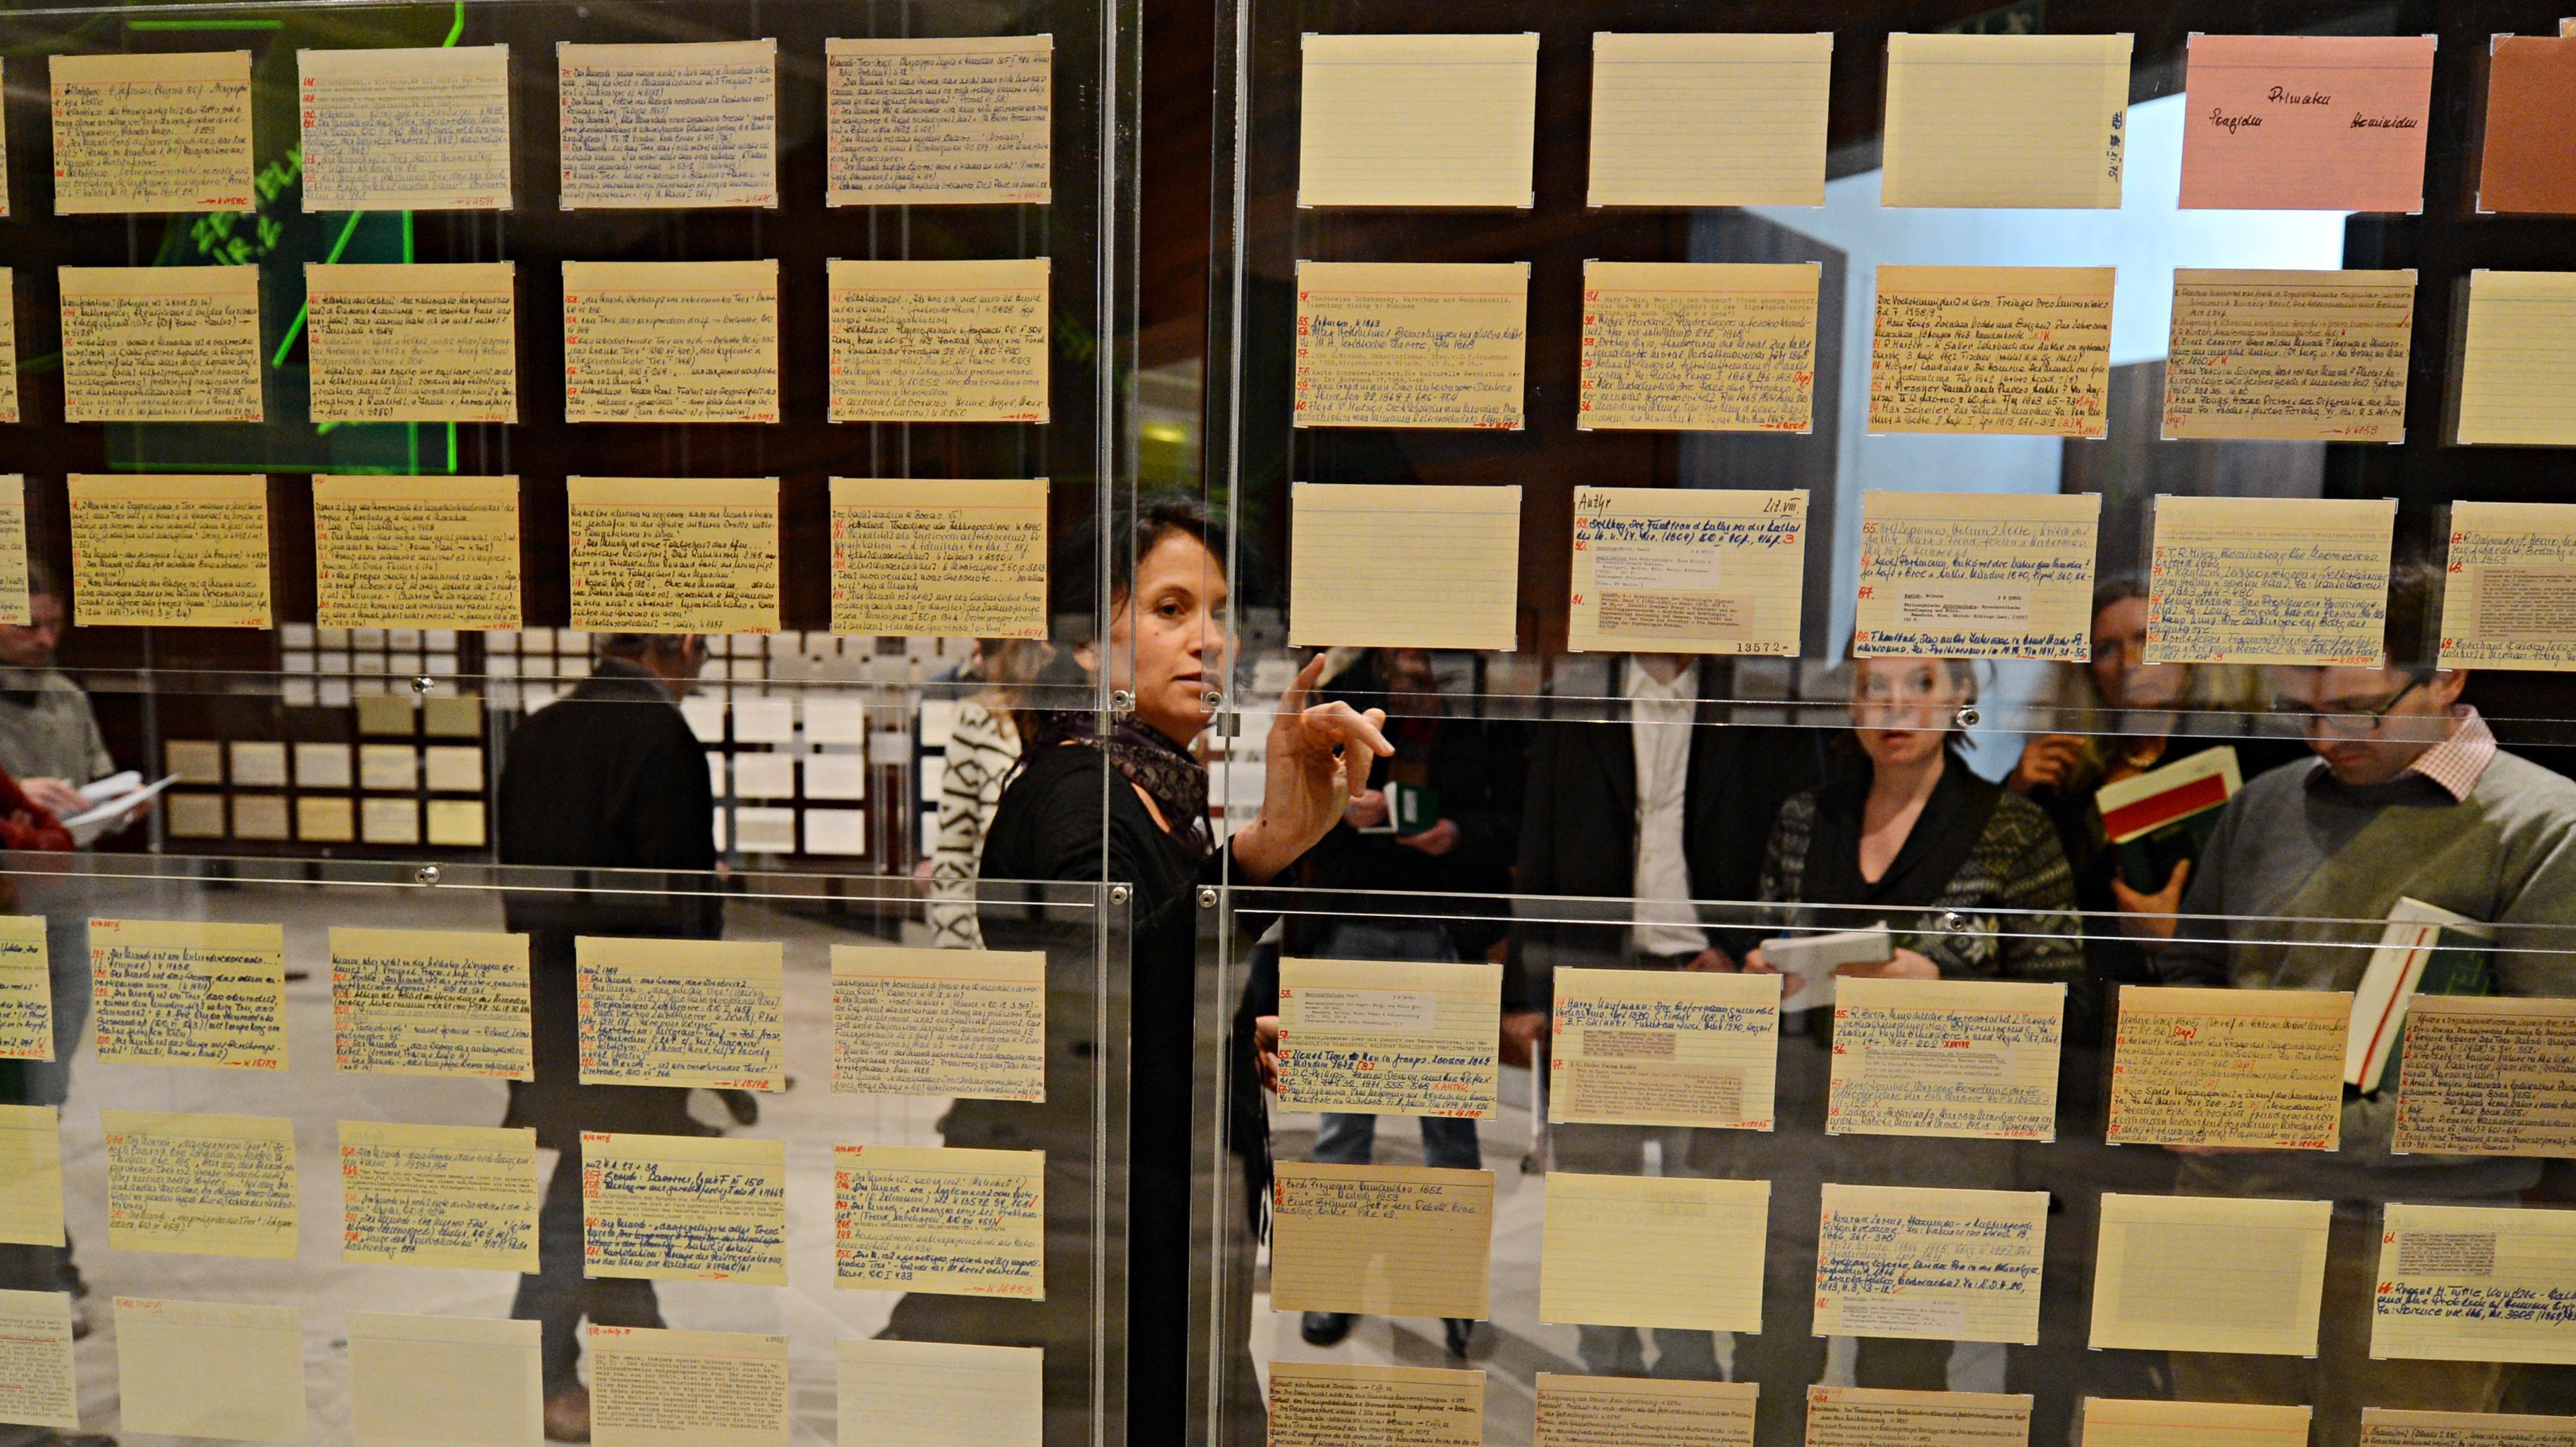 """Karteikarten des Philosophen Hans Blumenberg, zu sehen in der Ausstellung """"Zettelkästen. Maschinen der Phantasie"""". Das Literaturmuseum der Moderne gehört zum Deutschen Literaturarchiv in Marbach."""